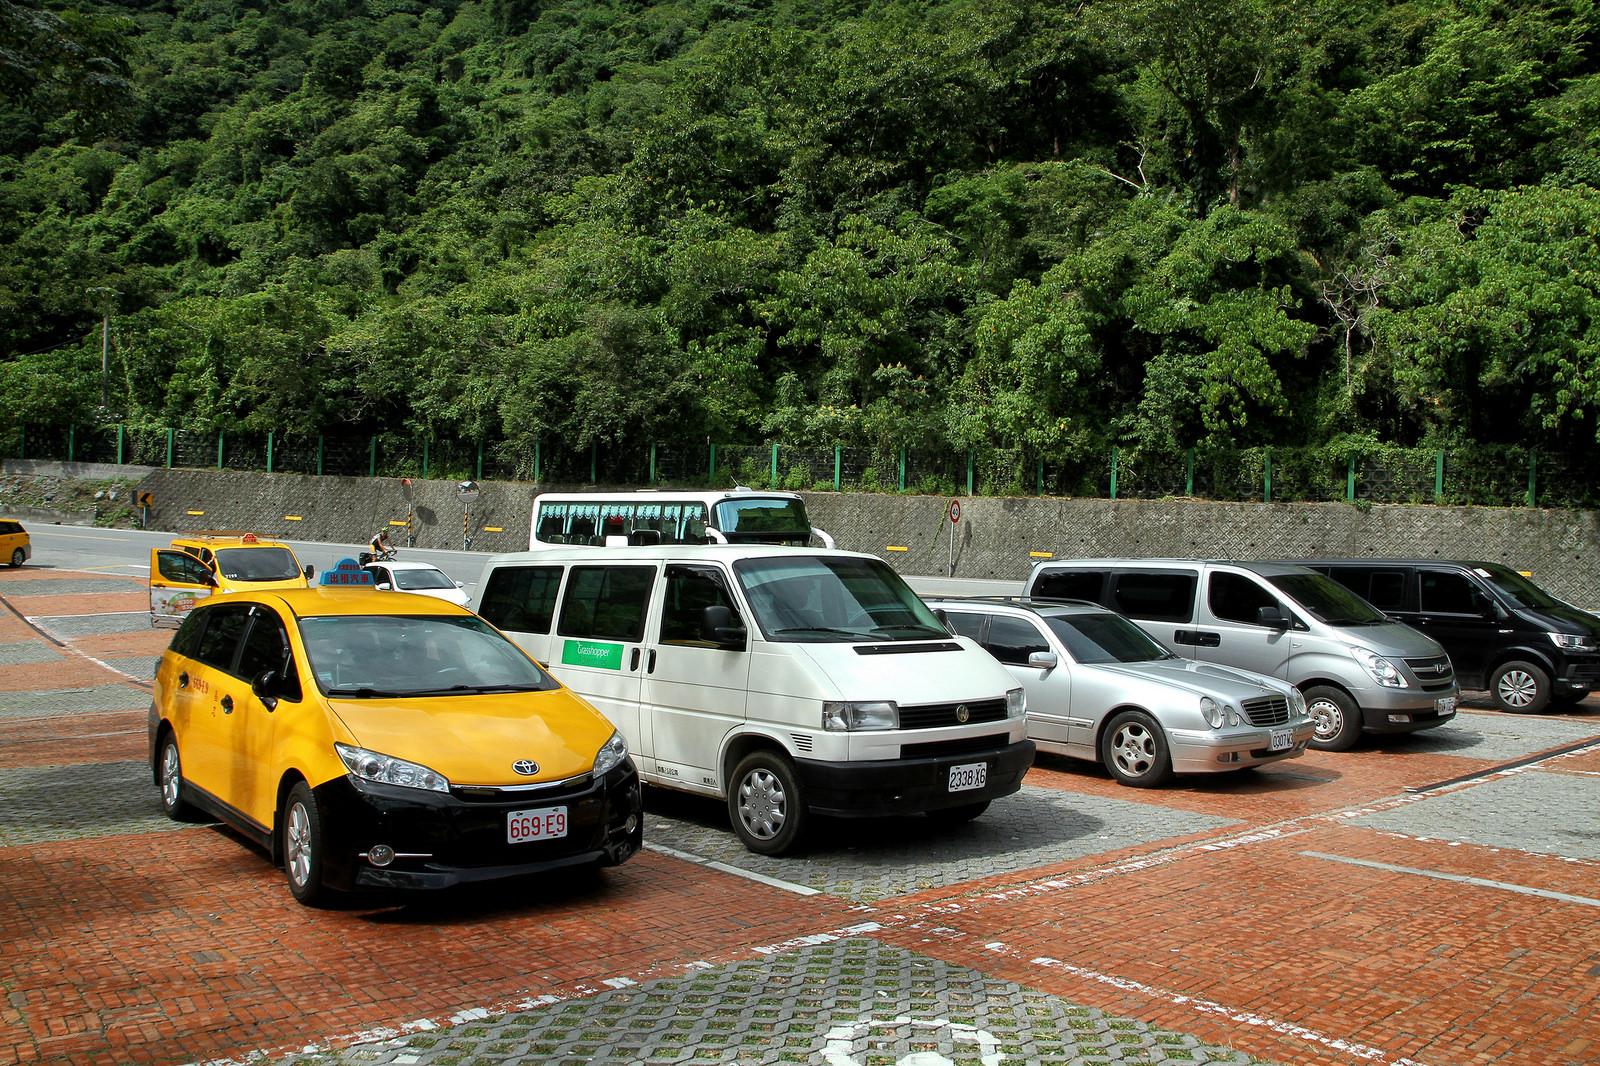 Nếu đi đoàn đông thì hãy thuê xe để khám phá Taroko trọn vẹn hơn